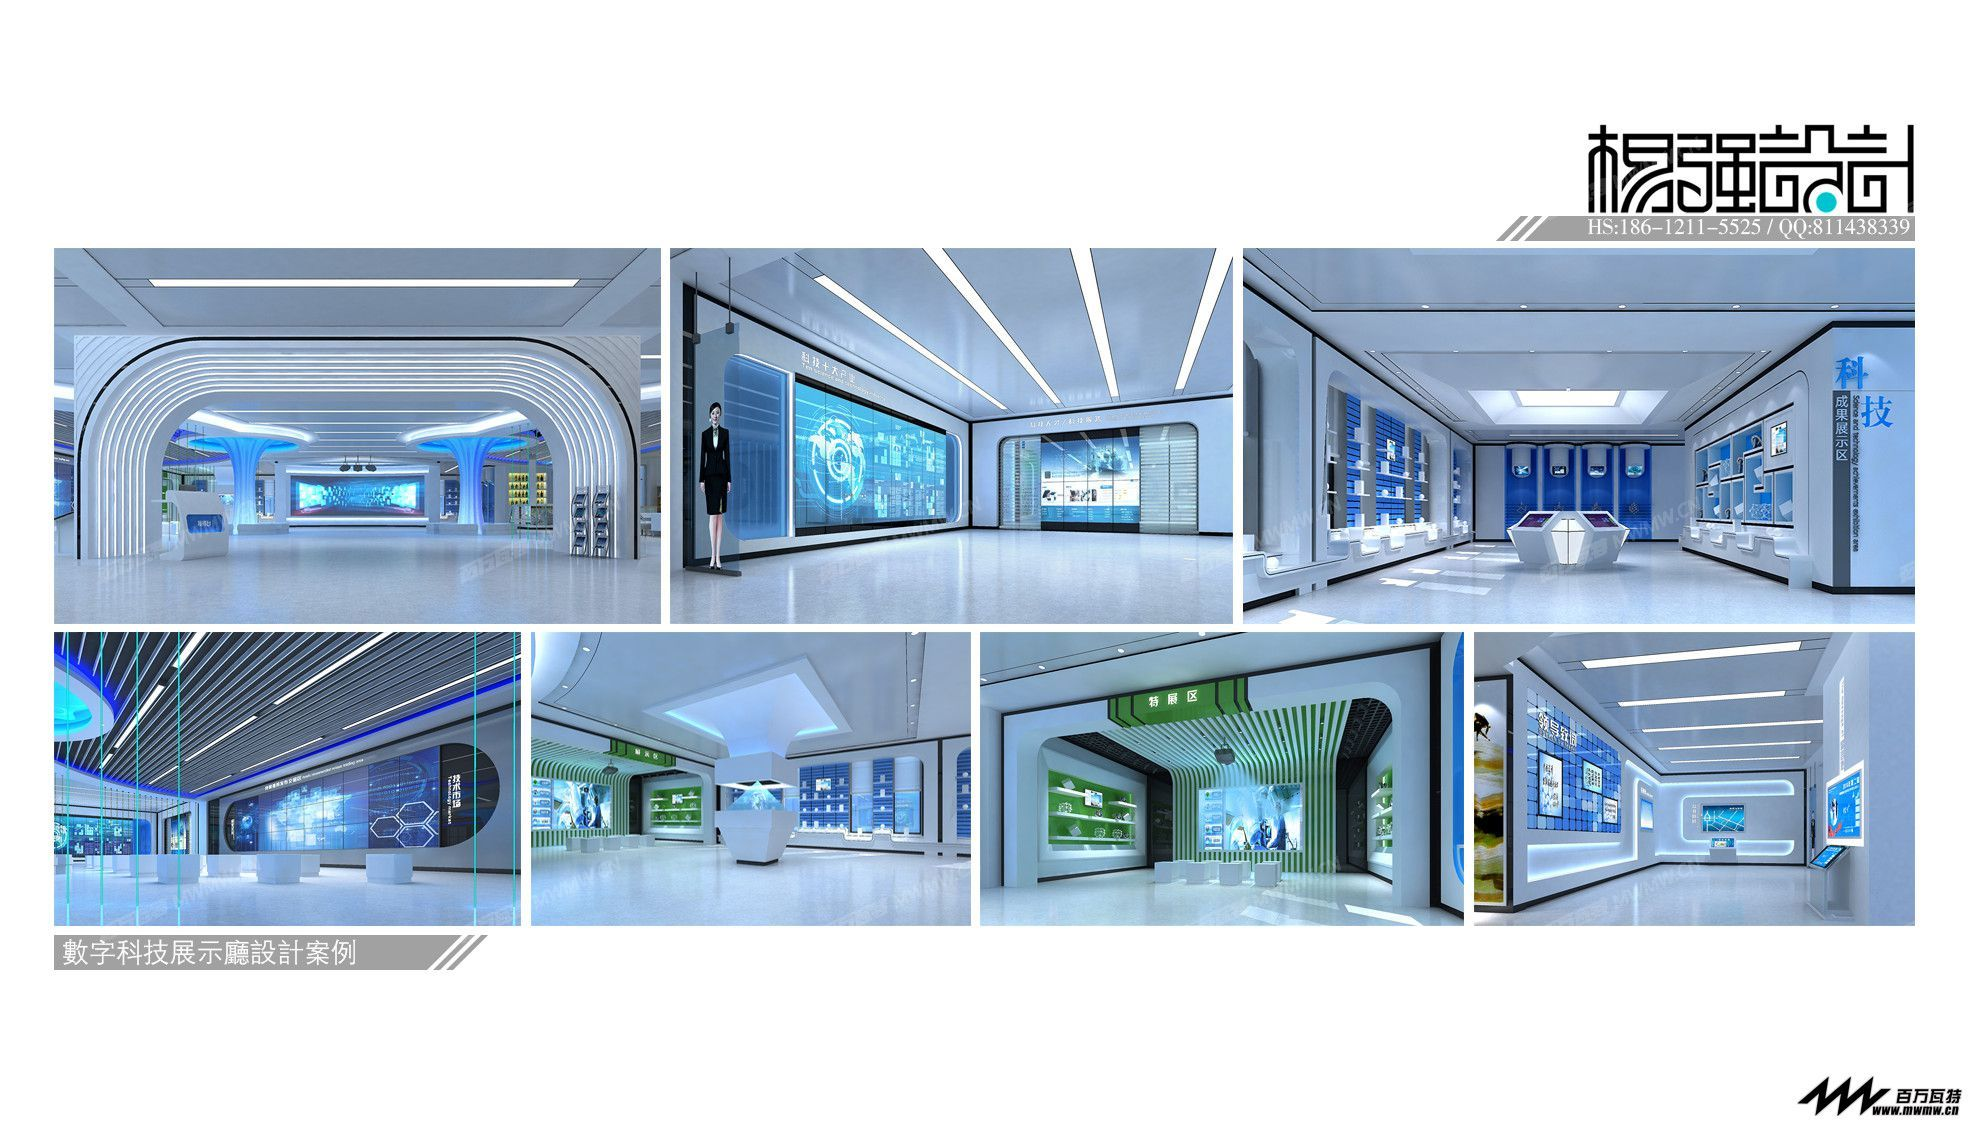 09杨强设计-数字科技展馆.jpg